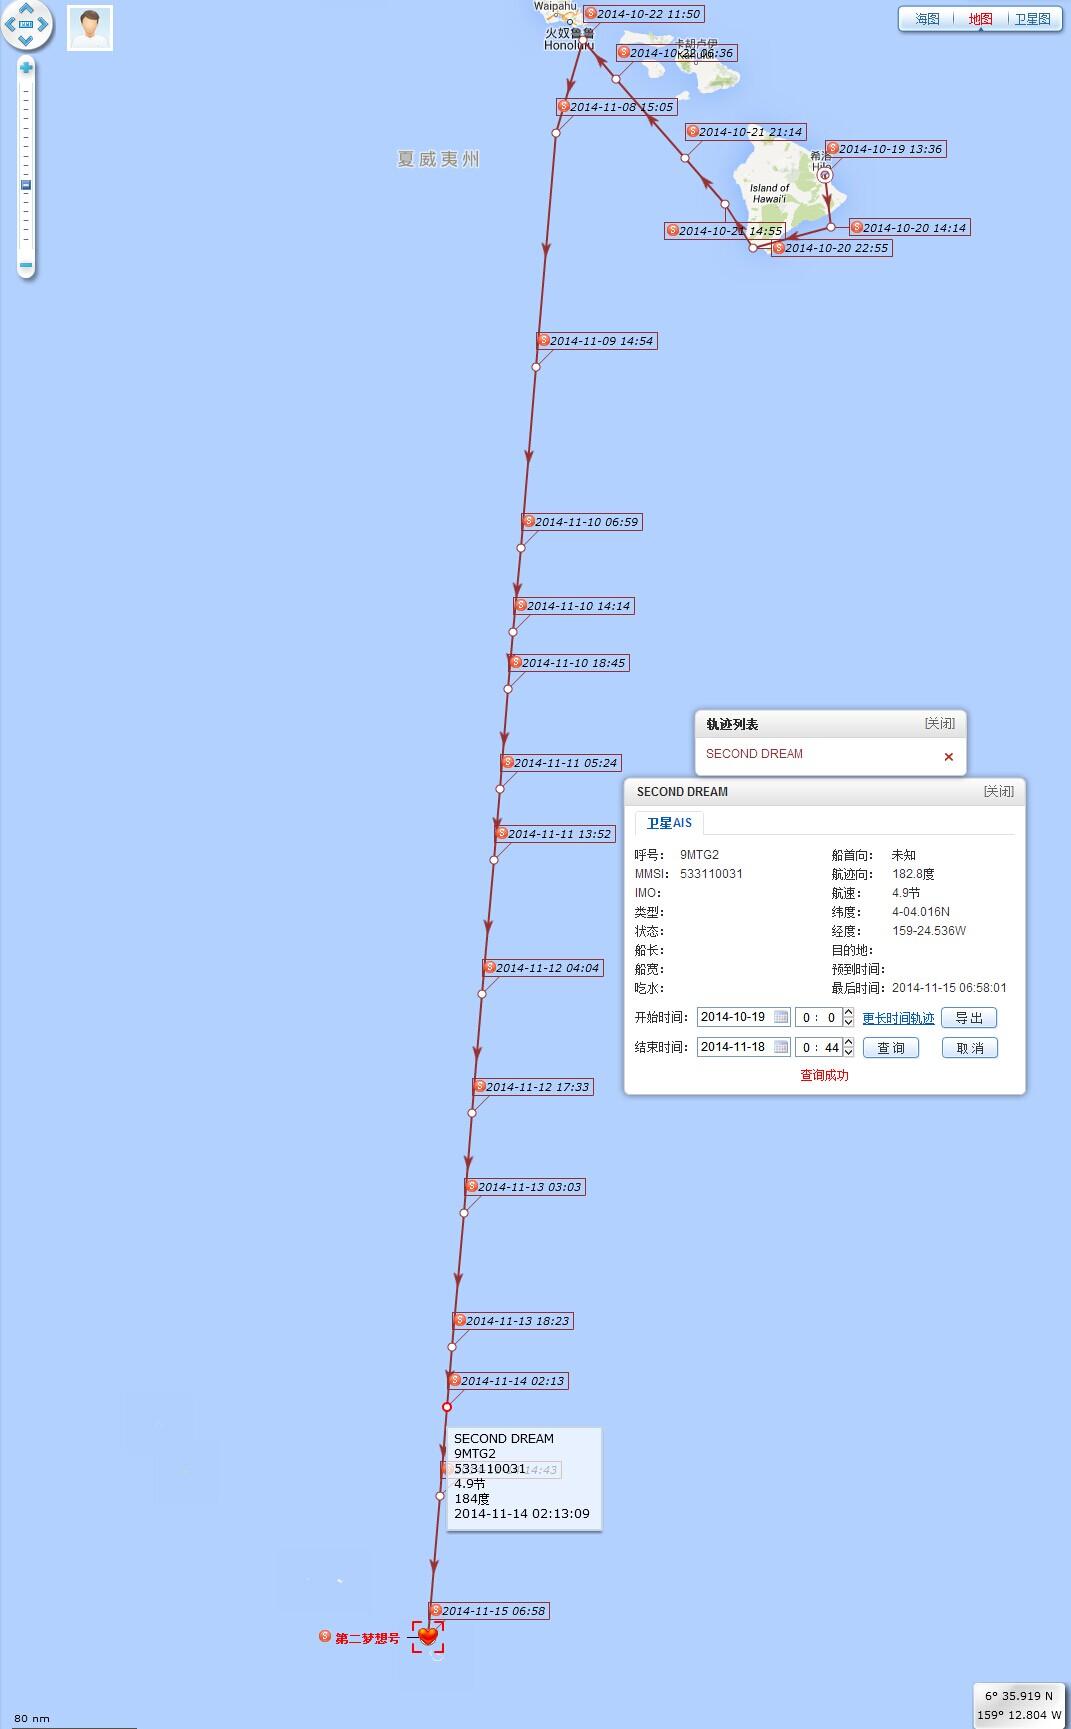 海上钓鱼的无限乐趣 QQ图片20141118011557.jpg